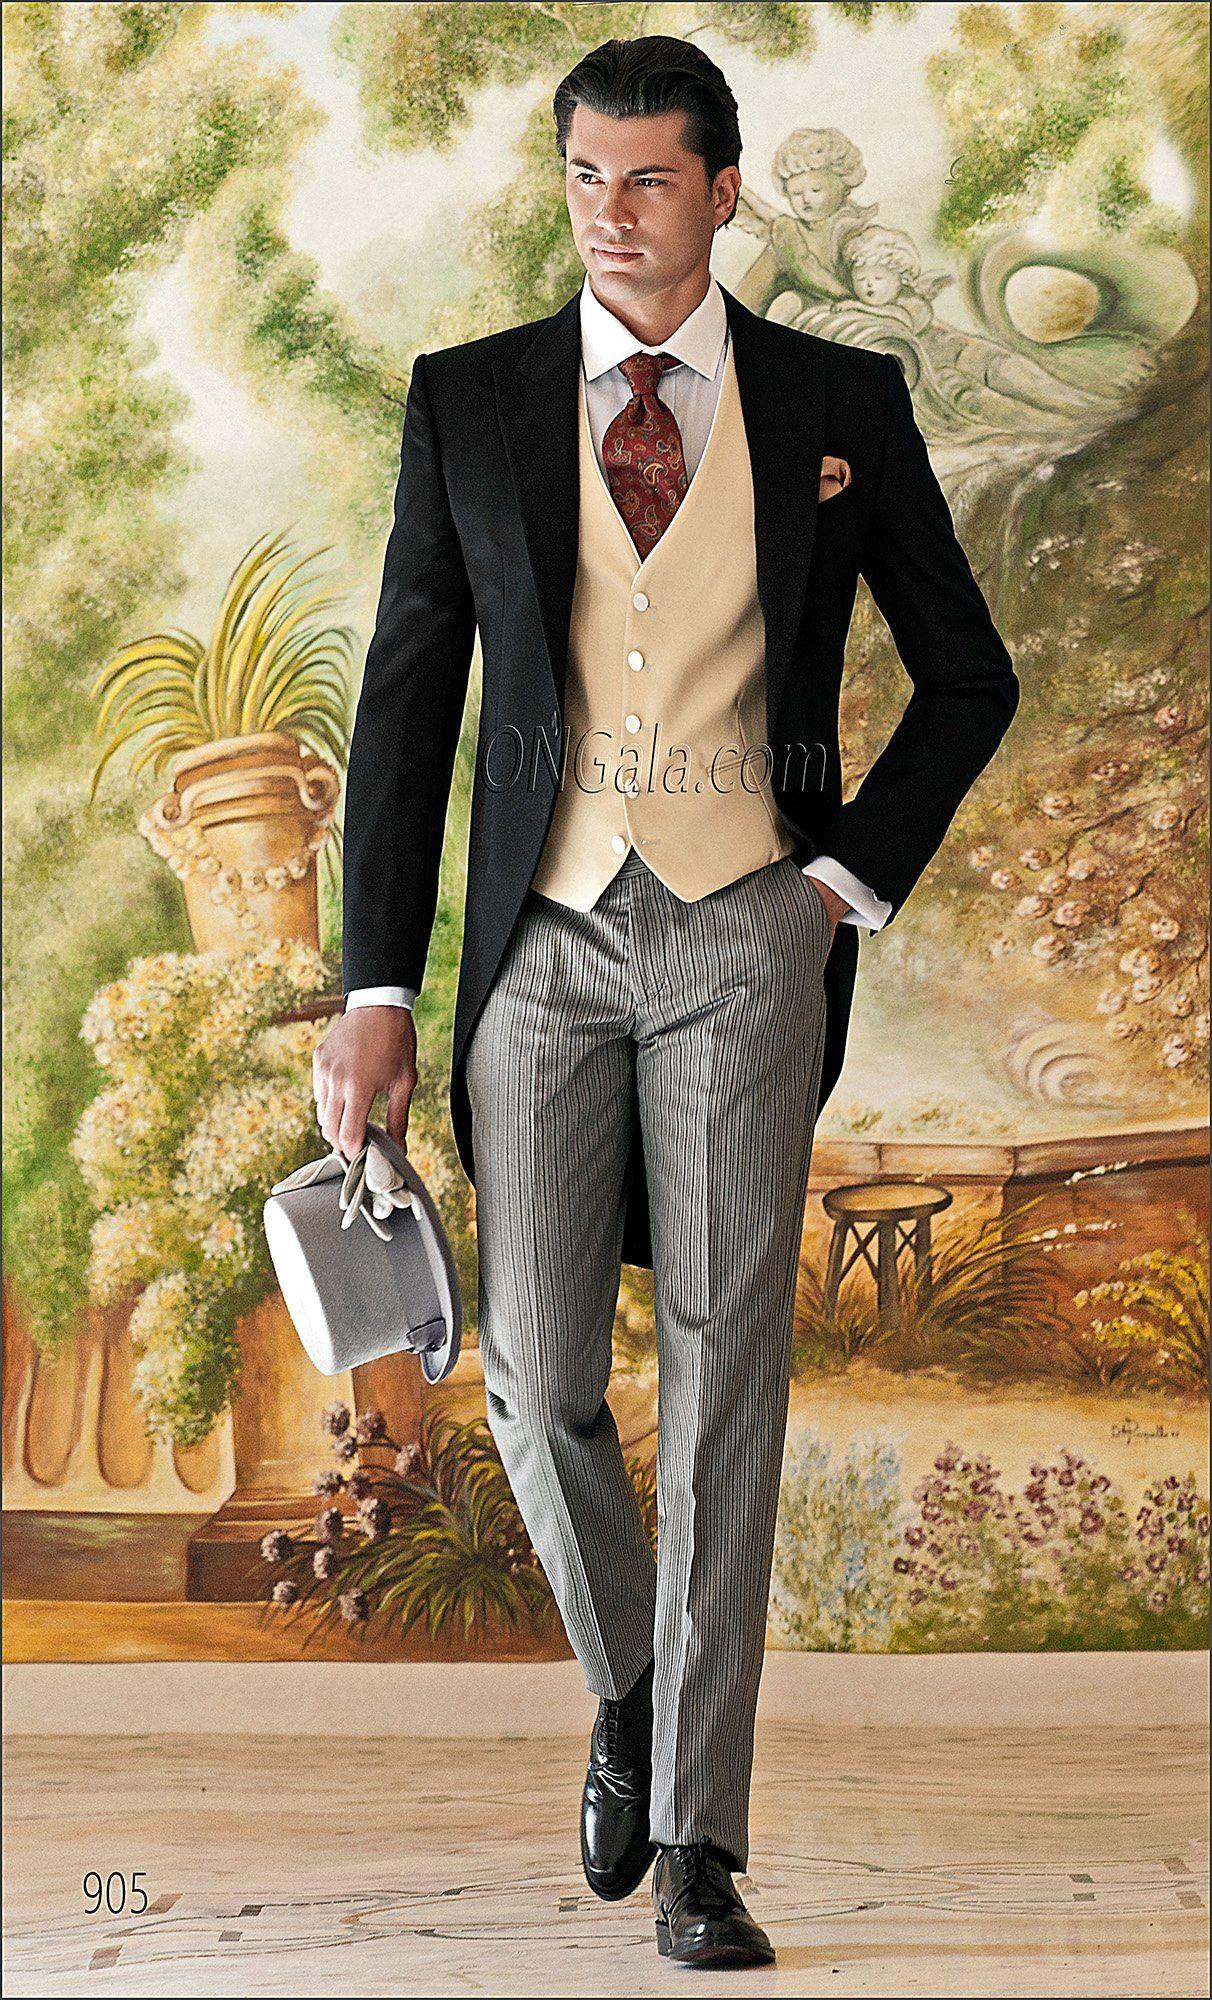 Abbigliamento Uomo Matrimonio Luglio : Abito da sposo giacca tight nera gilet avorio